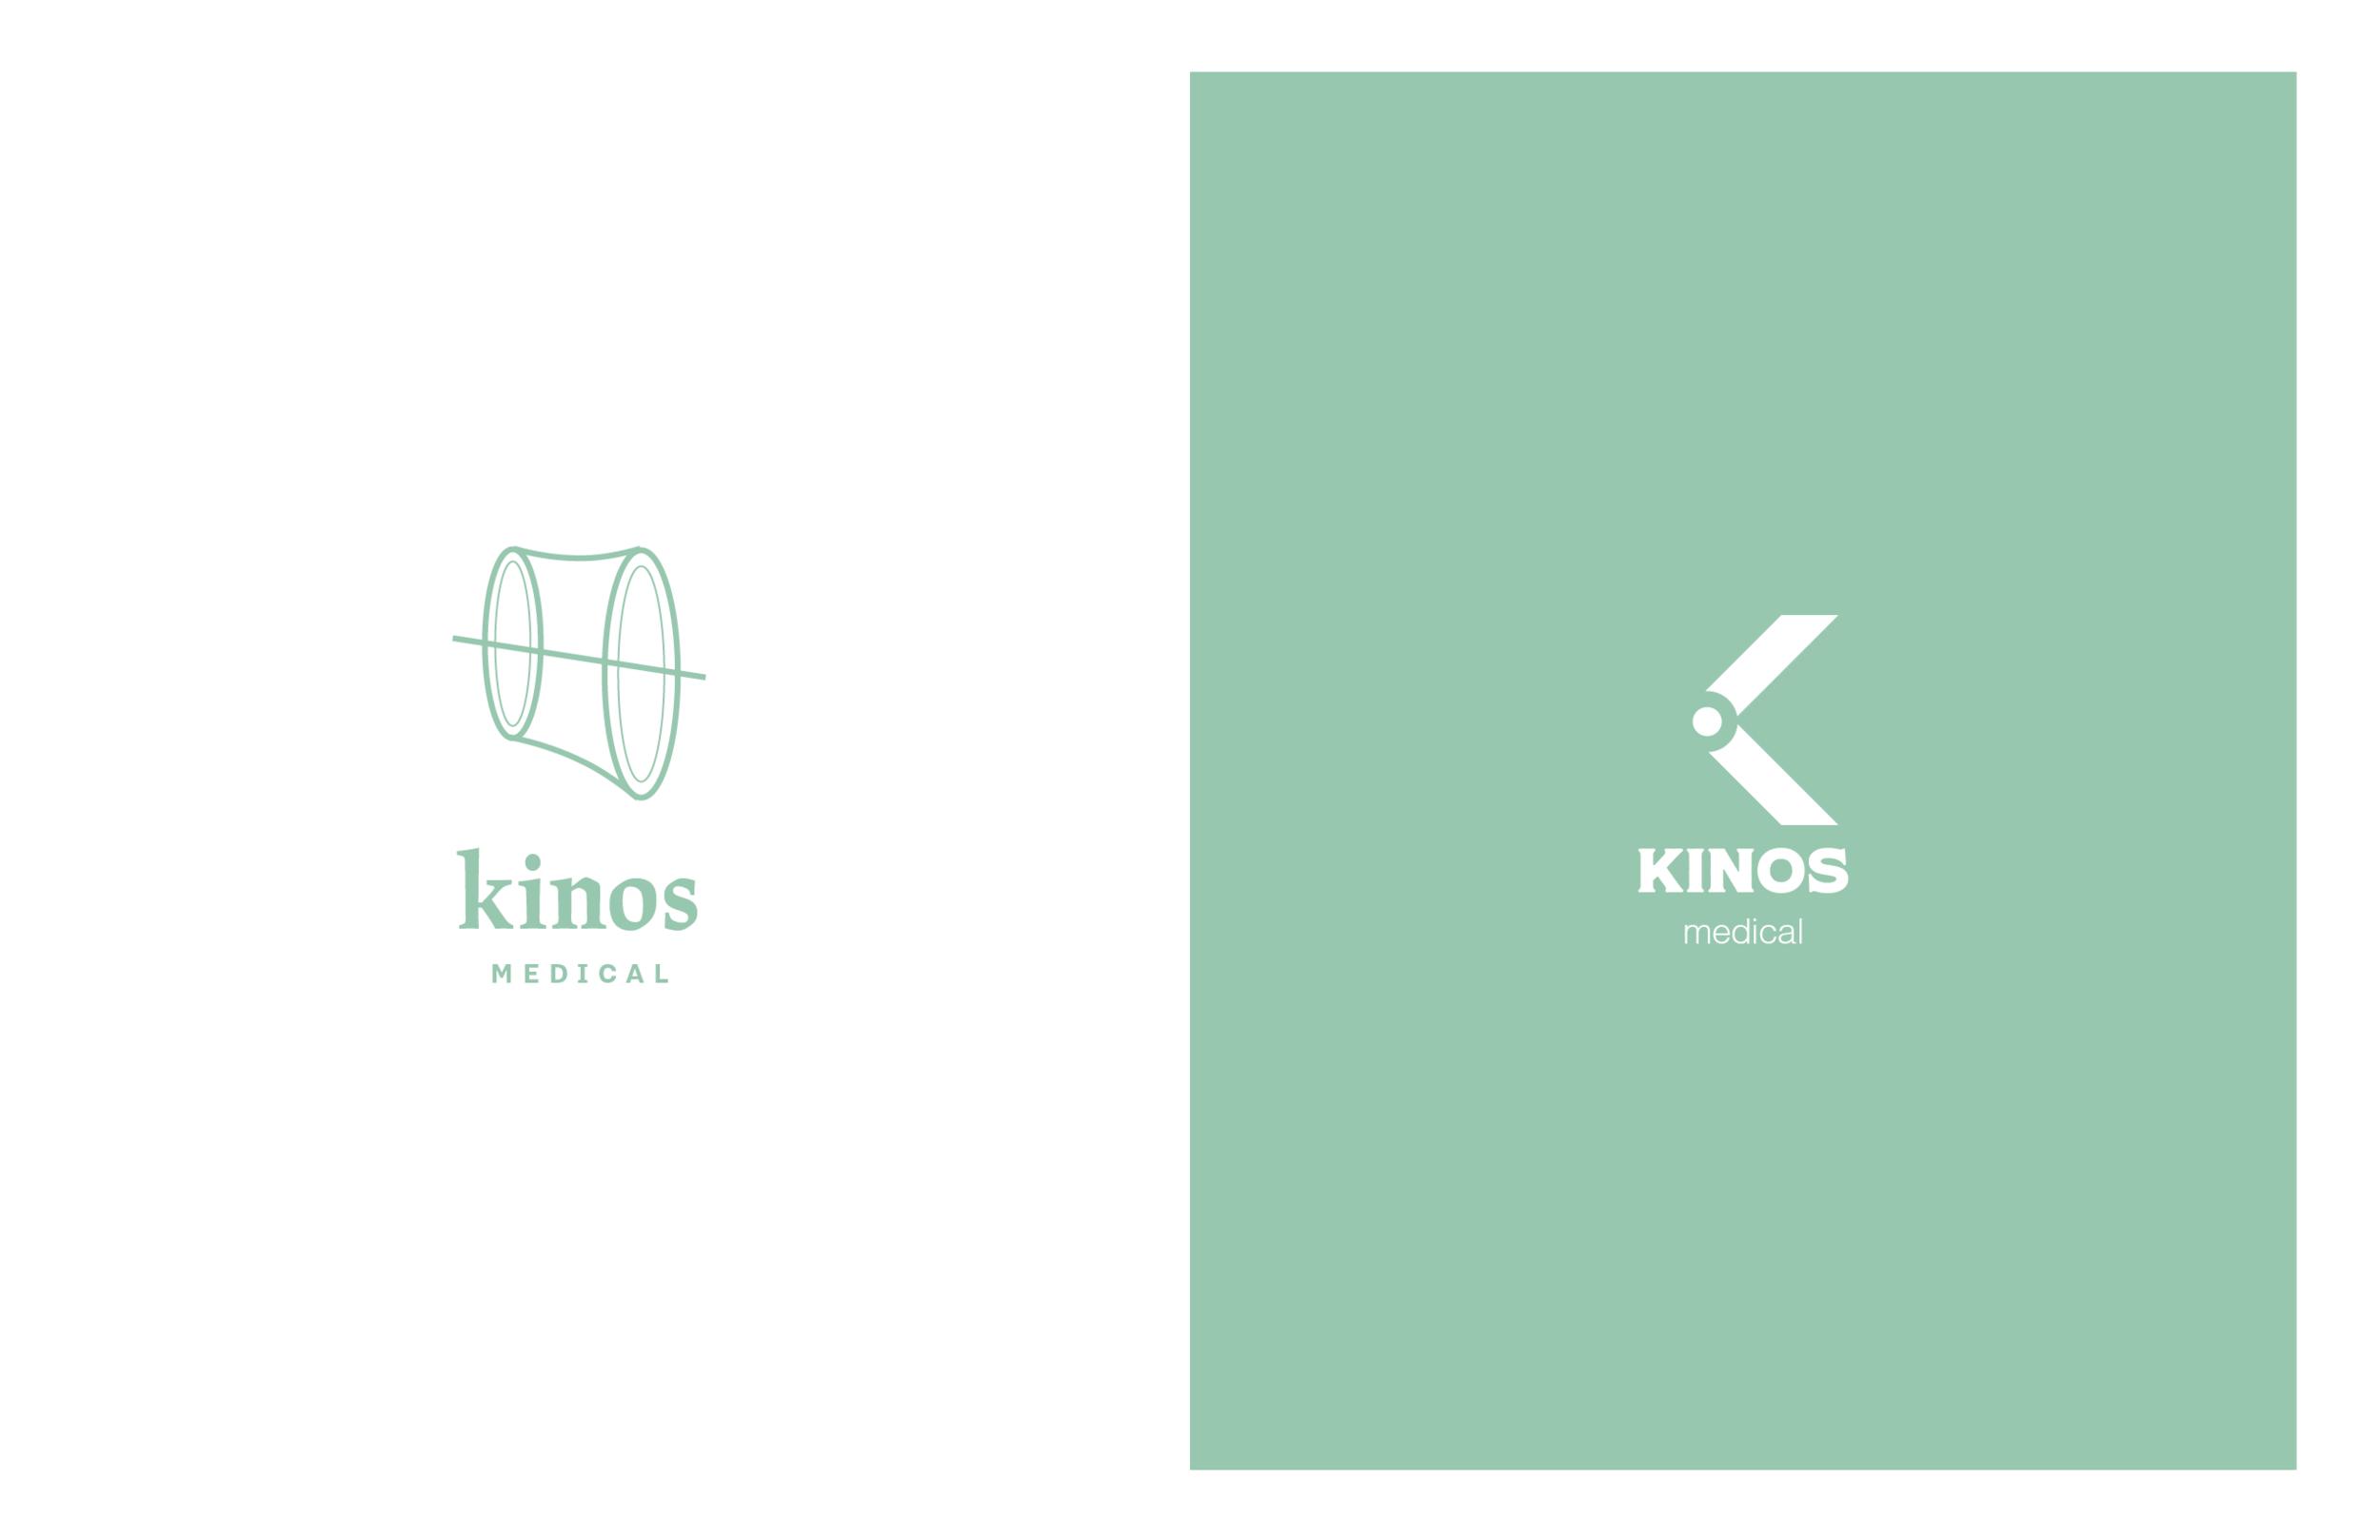 Kinos Medical Logos_v2.png